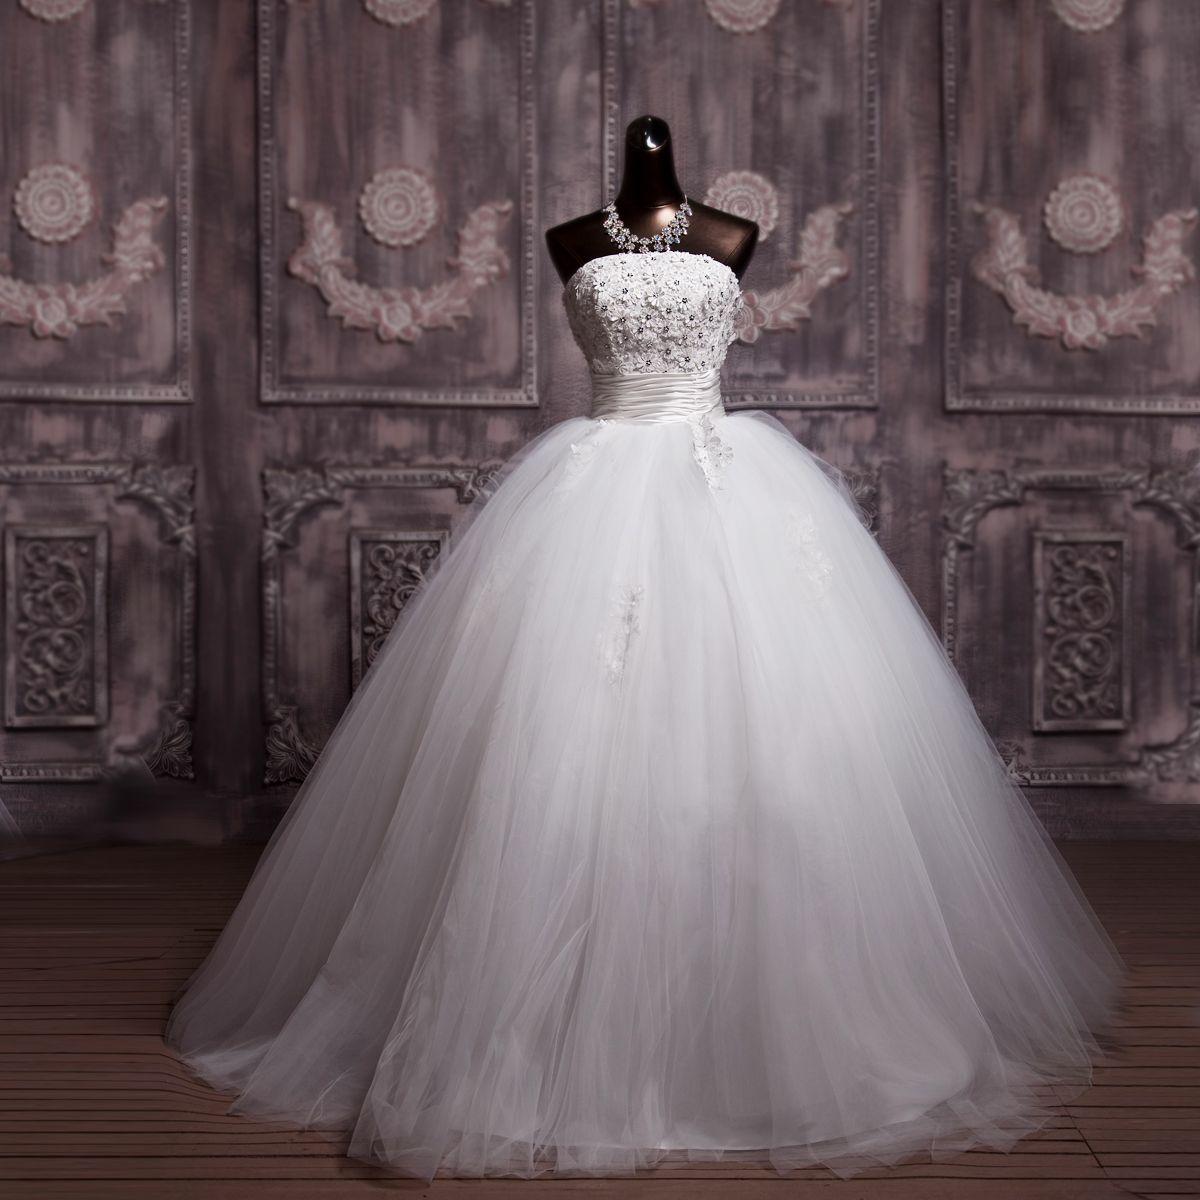 مسابقة فى بيتنا عروسة يلا شركى معنا فى المسابقة يا مفيدة انتى وهى F6e20490